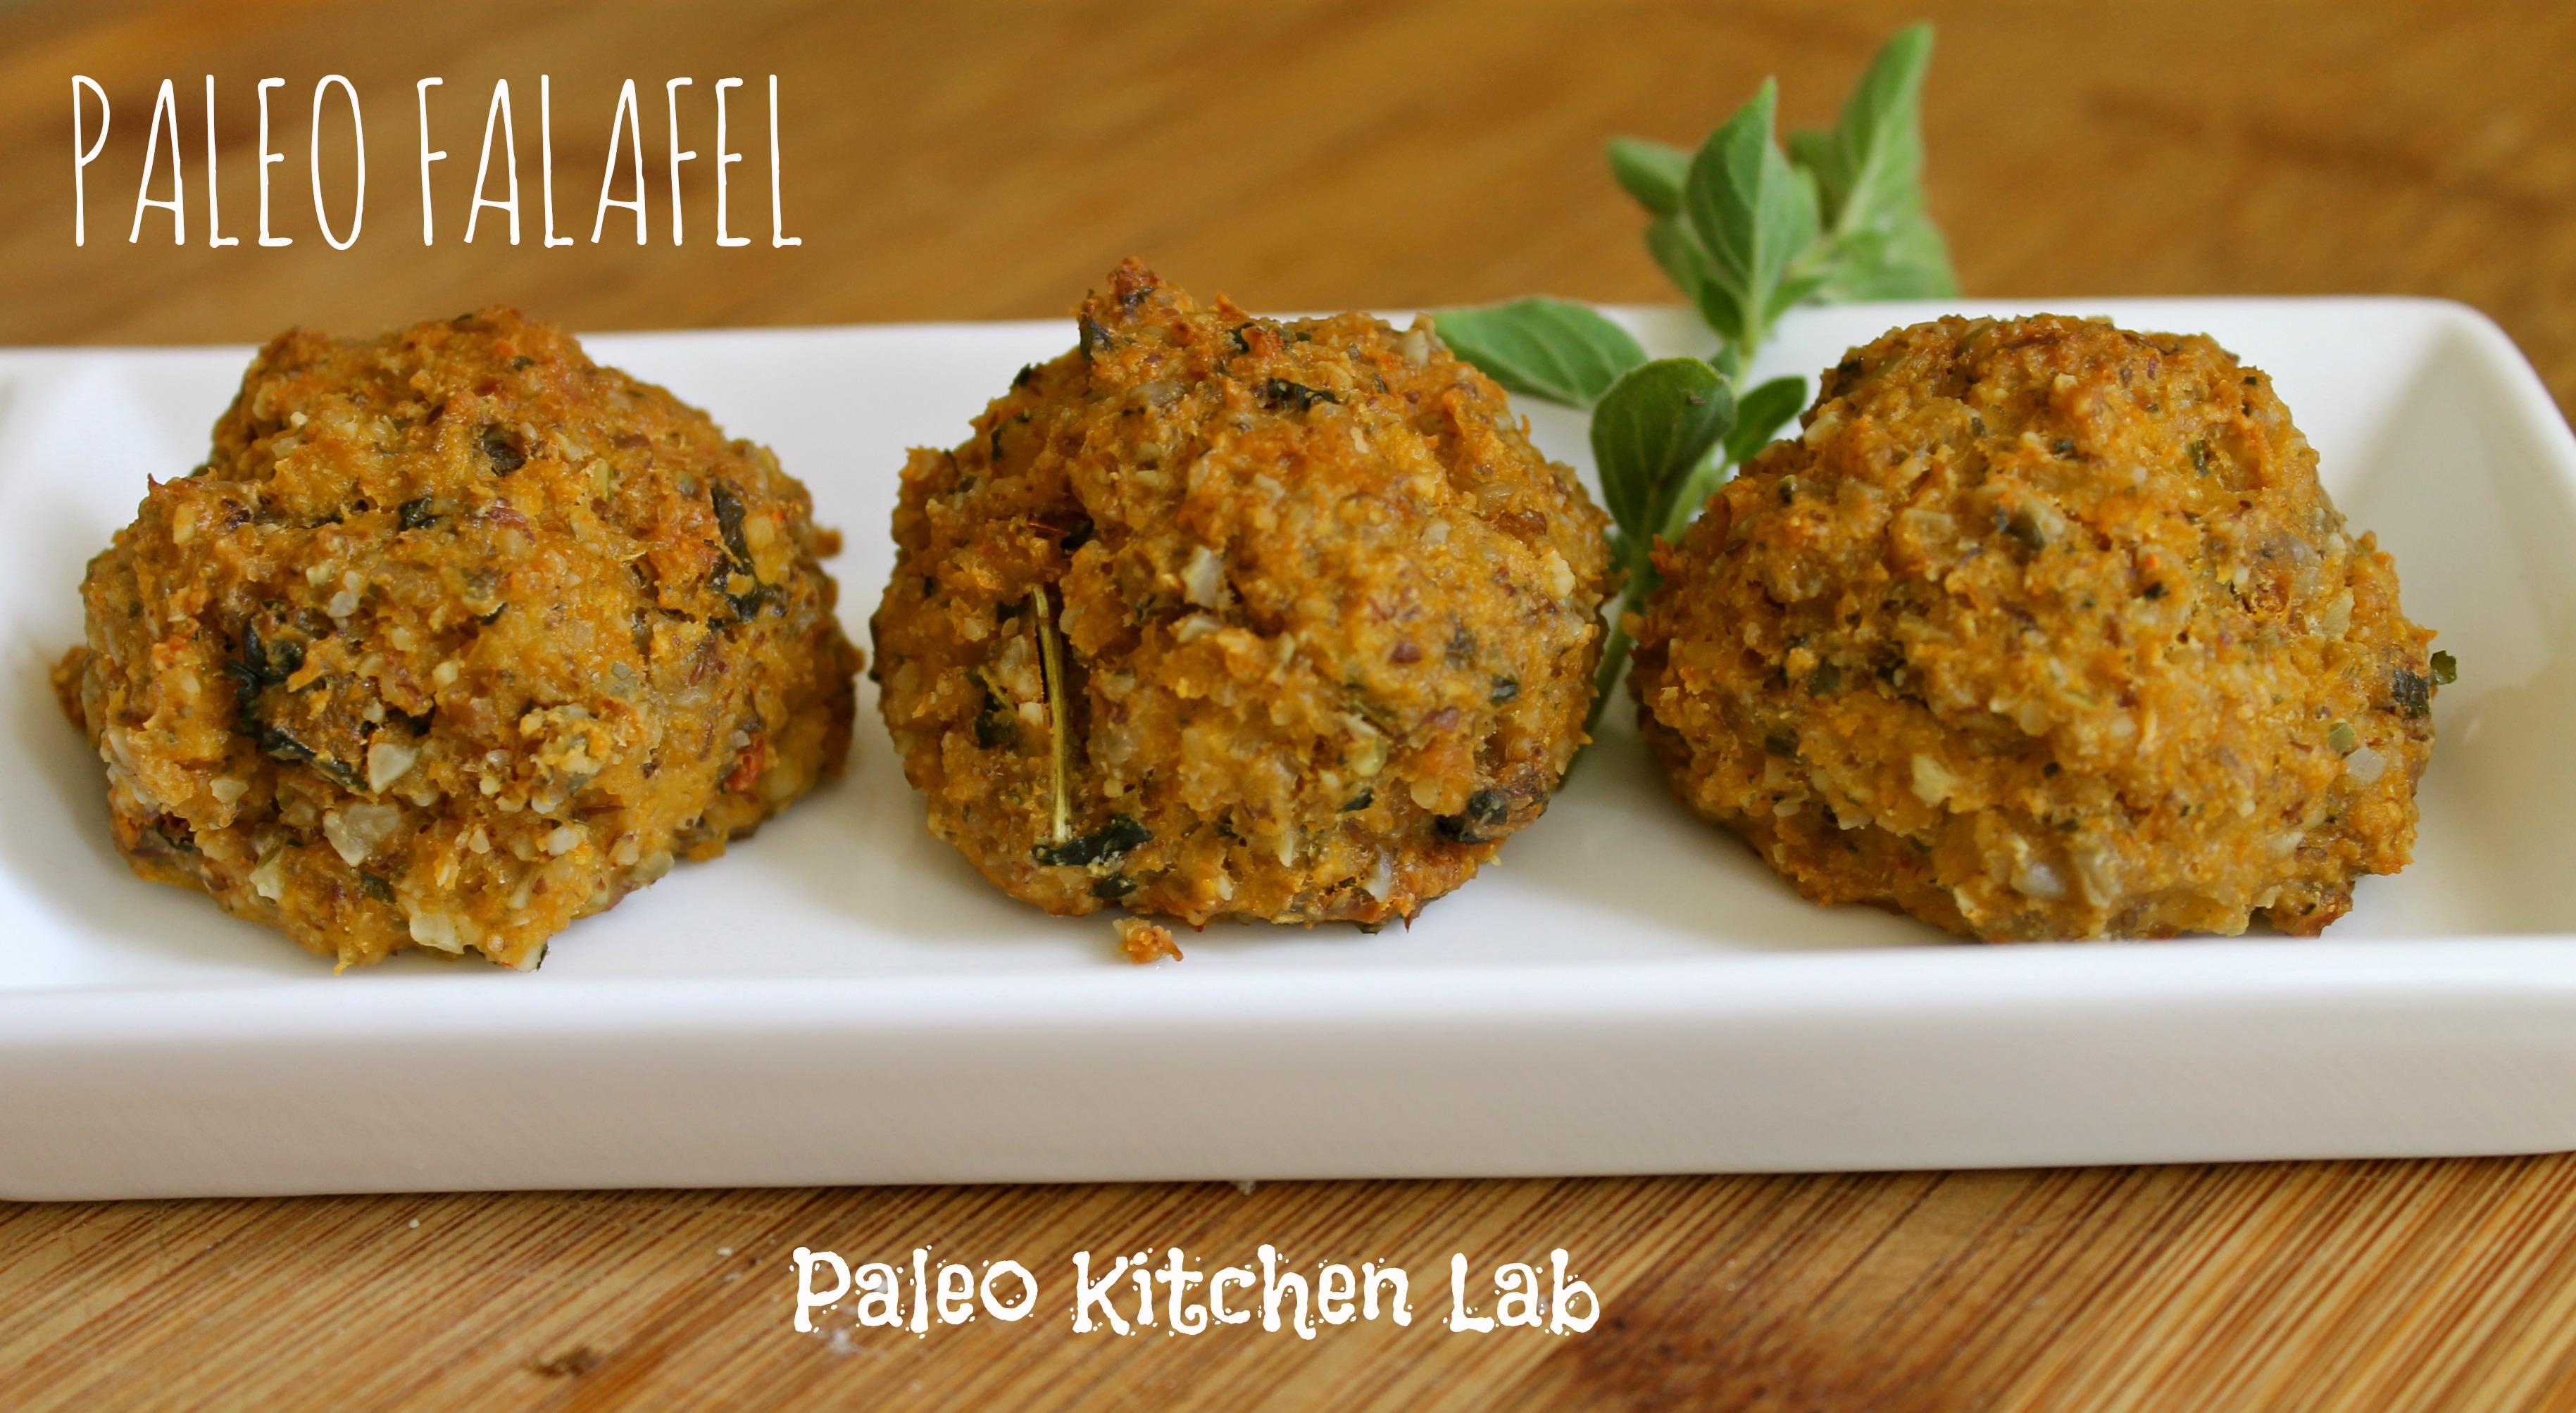 Paleo falafel